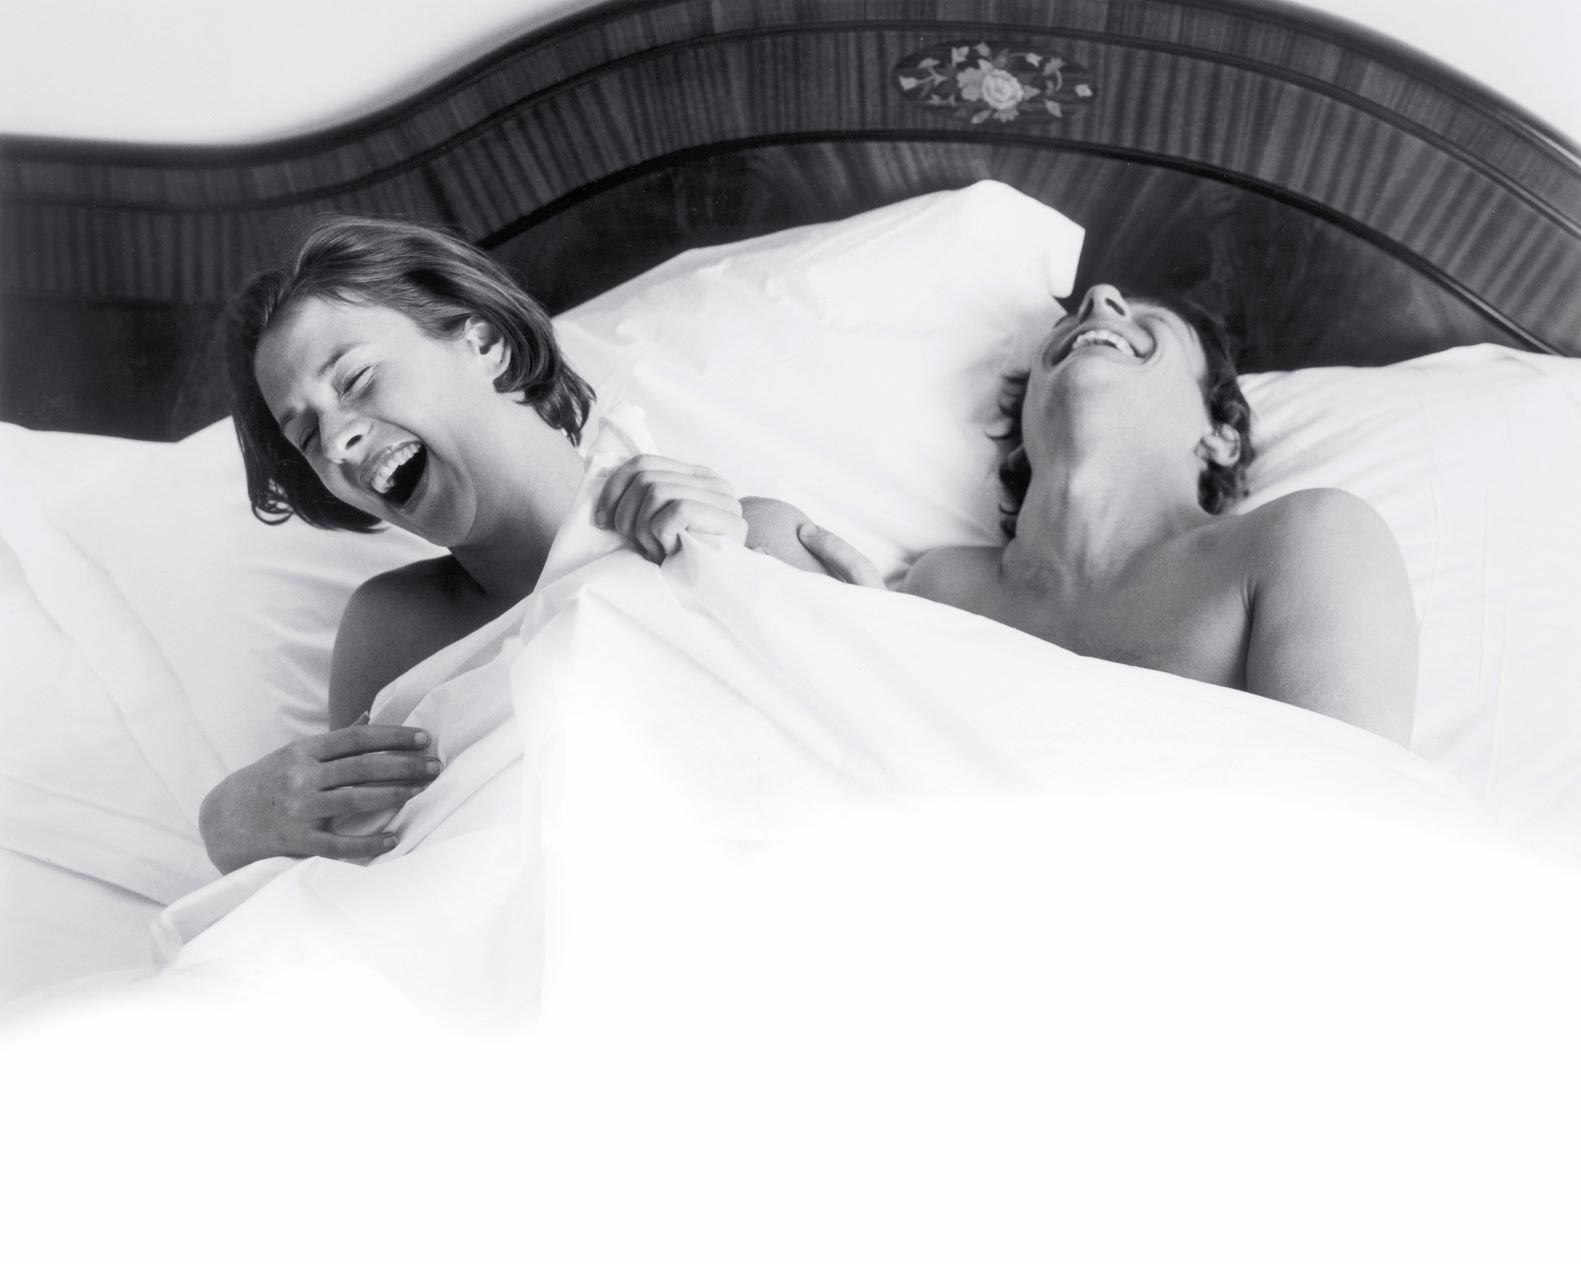 躺在床上的情侣 - Savoir